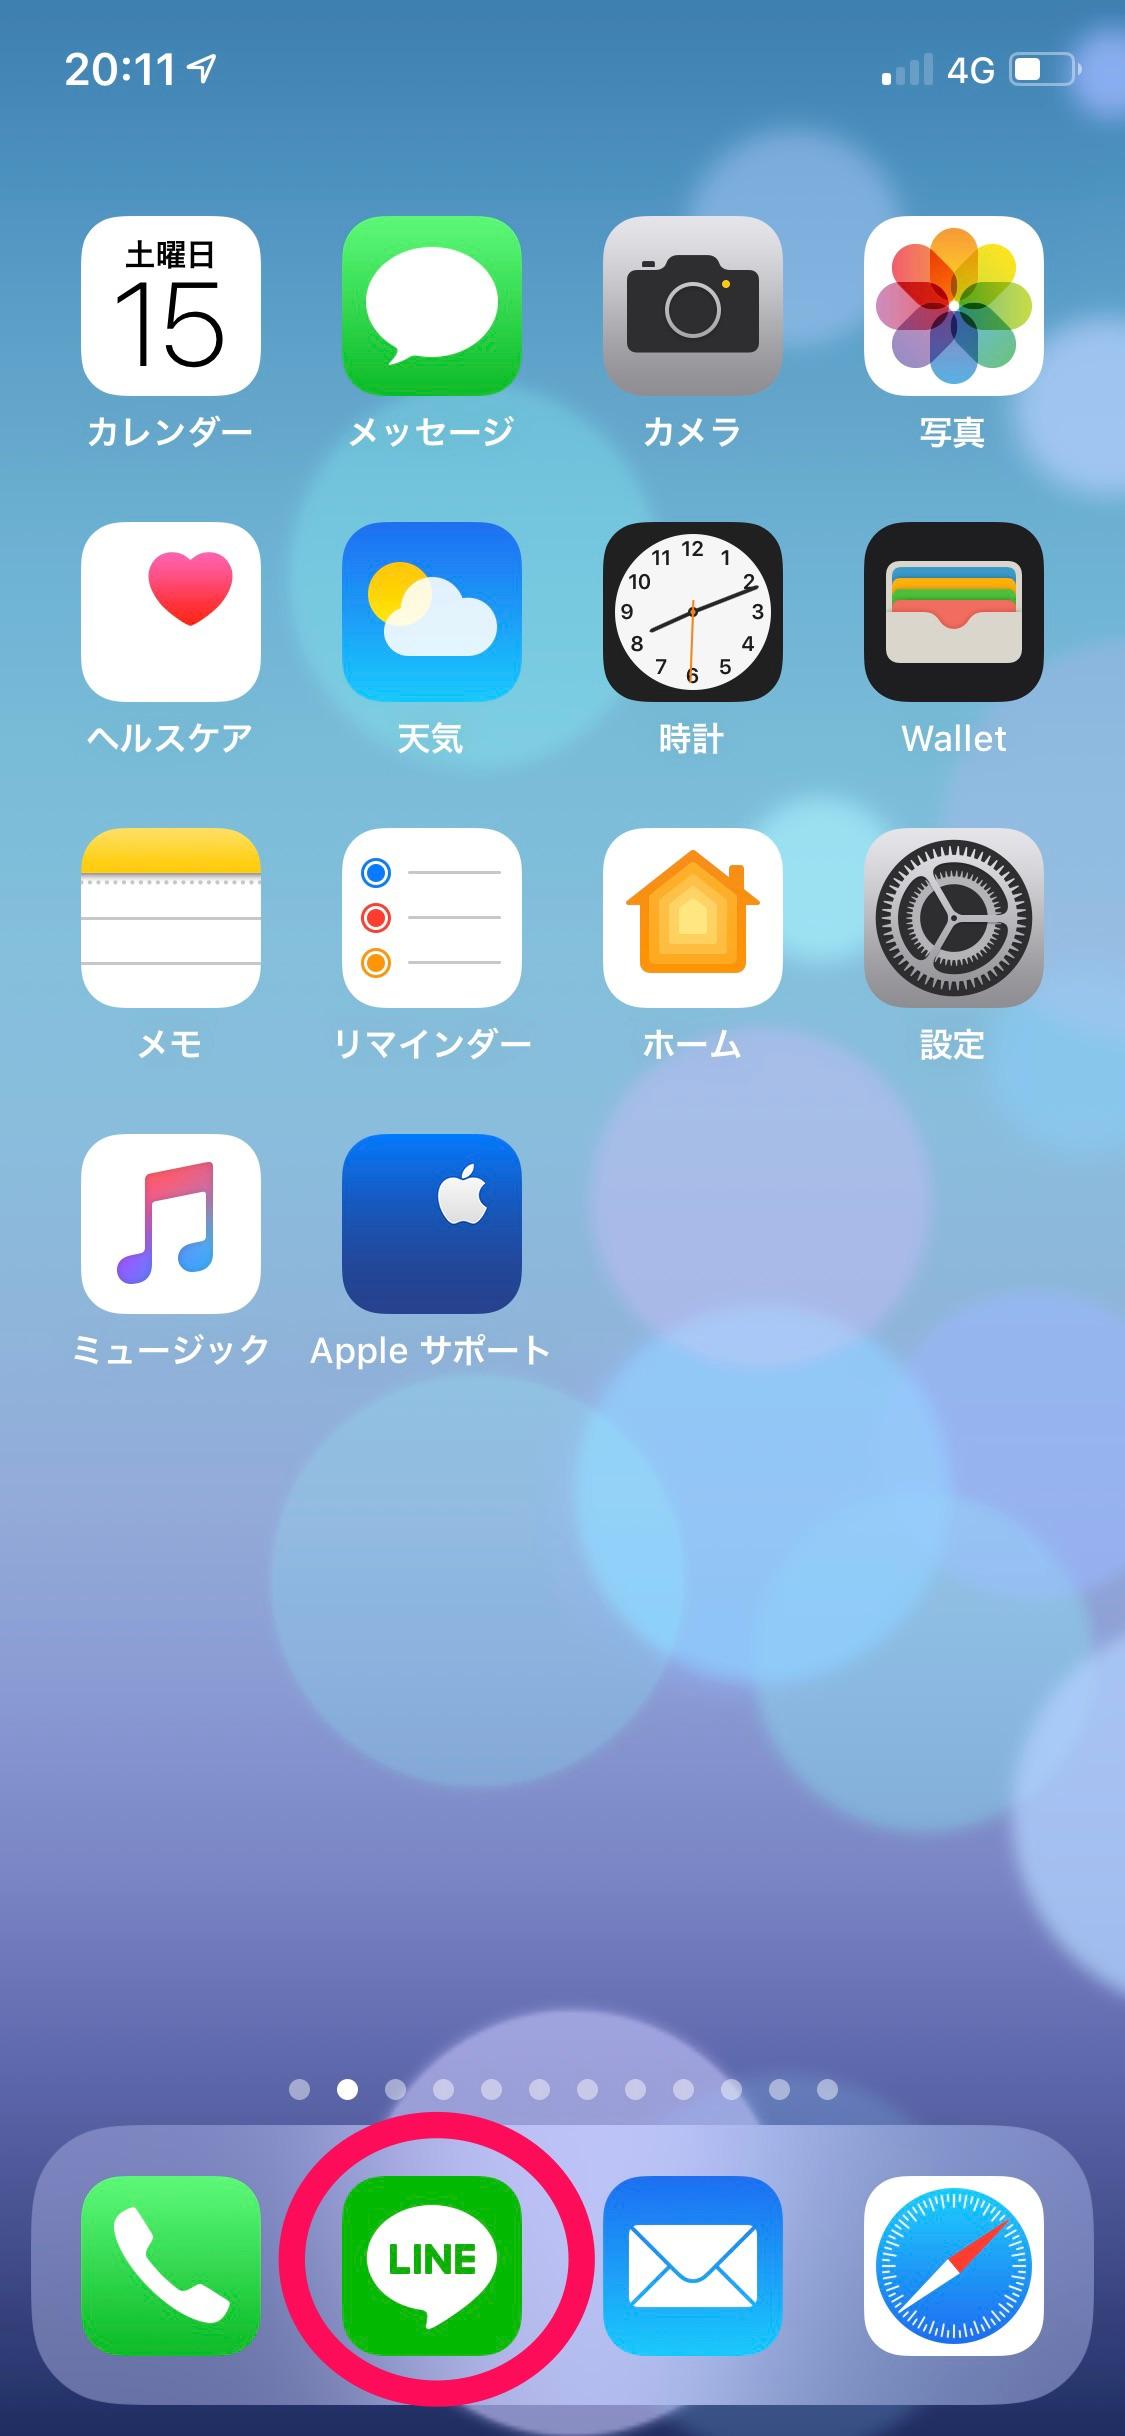 LINE アプリ 開く